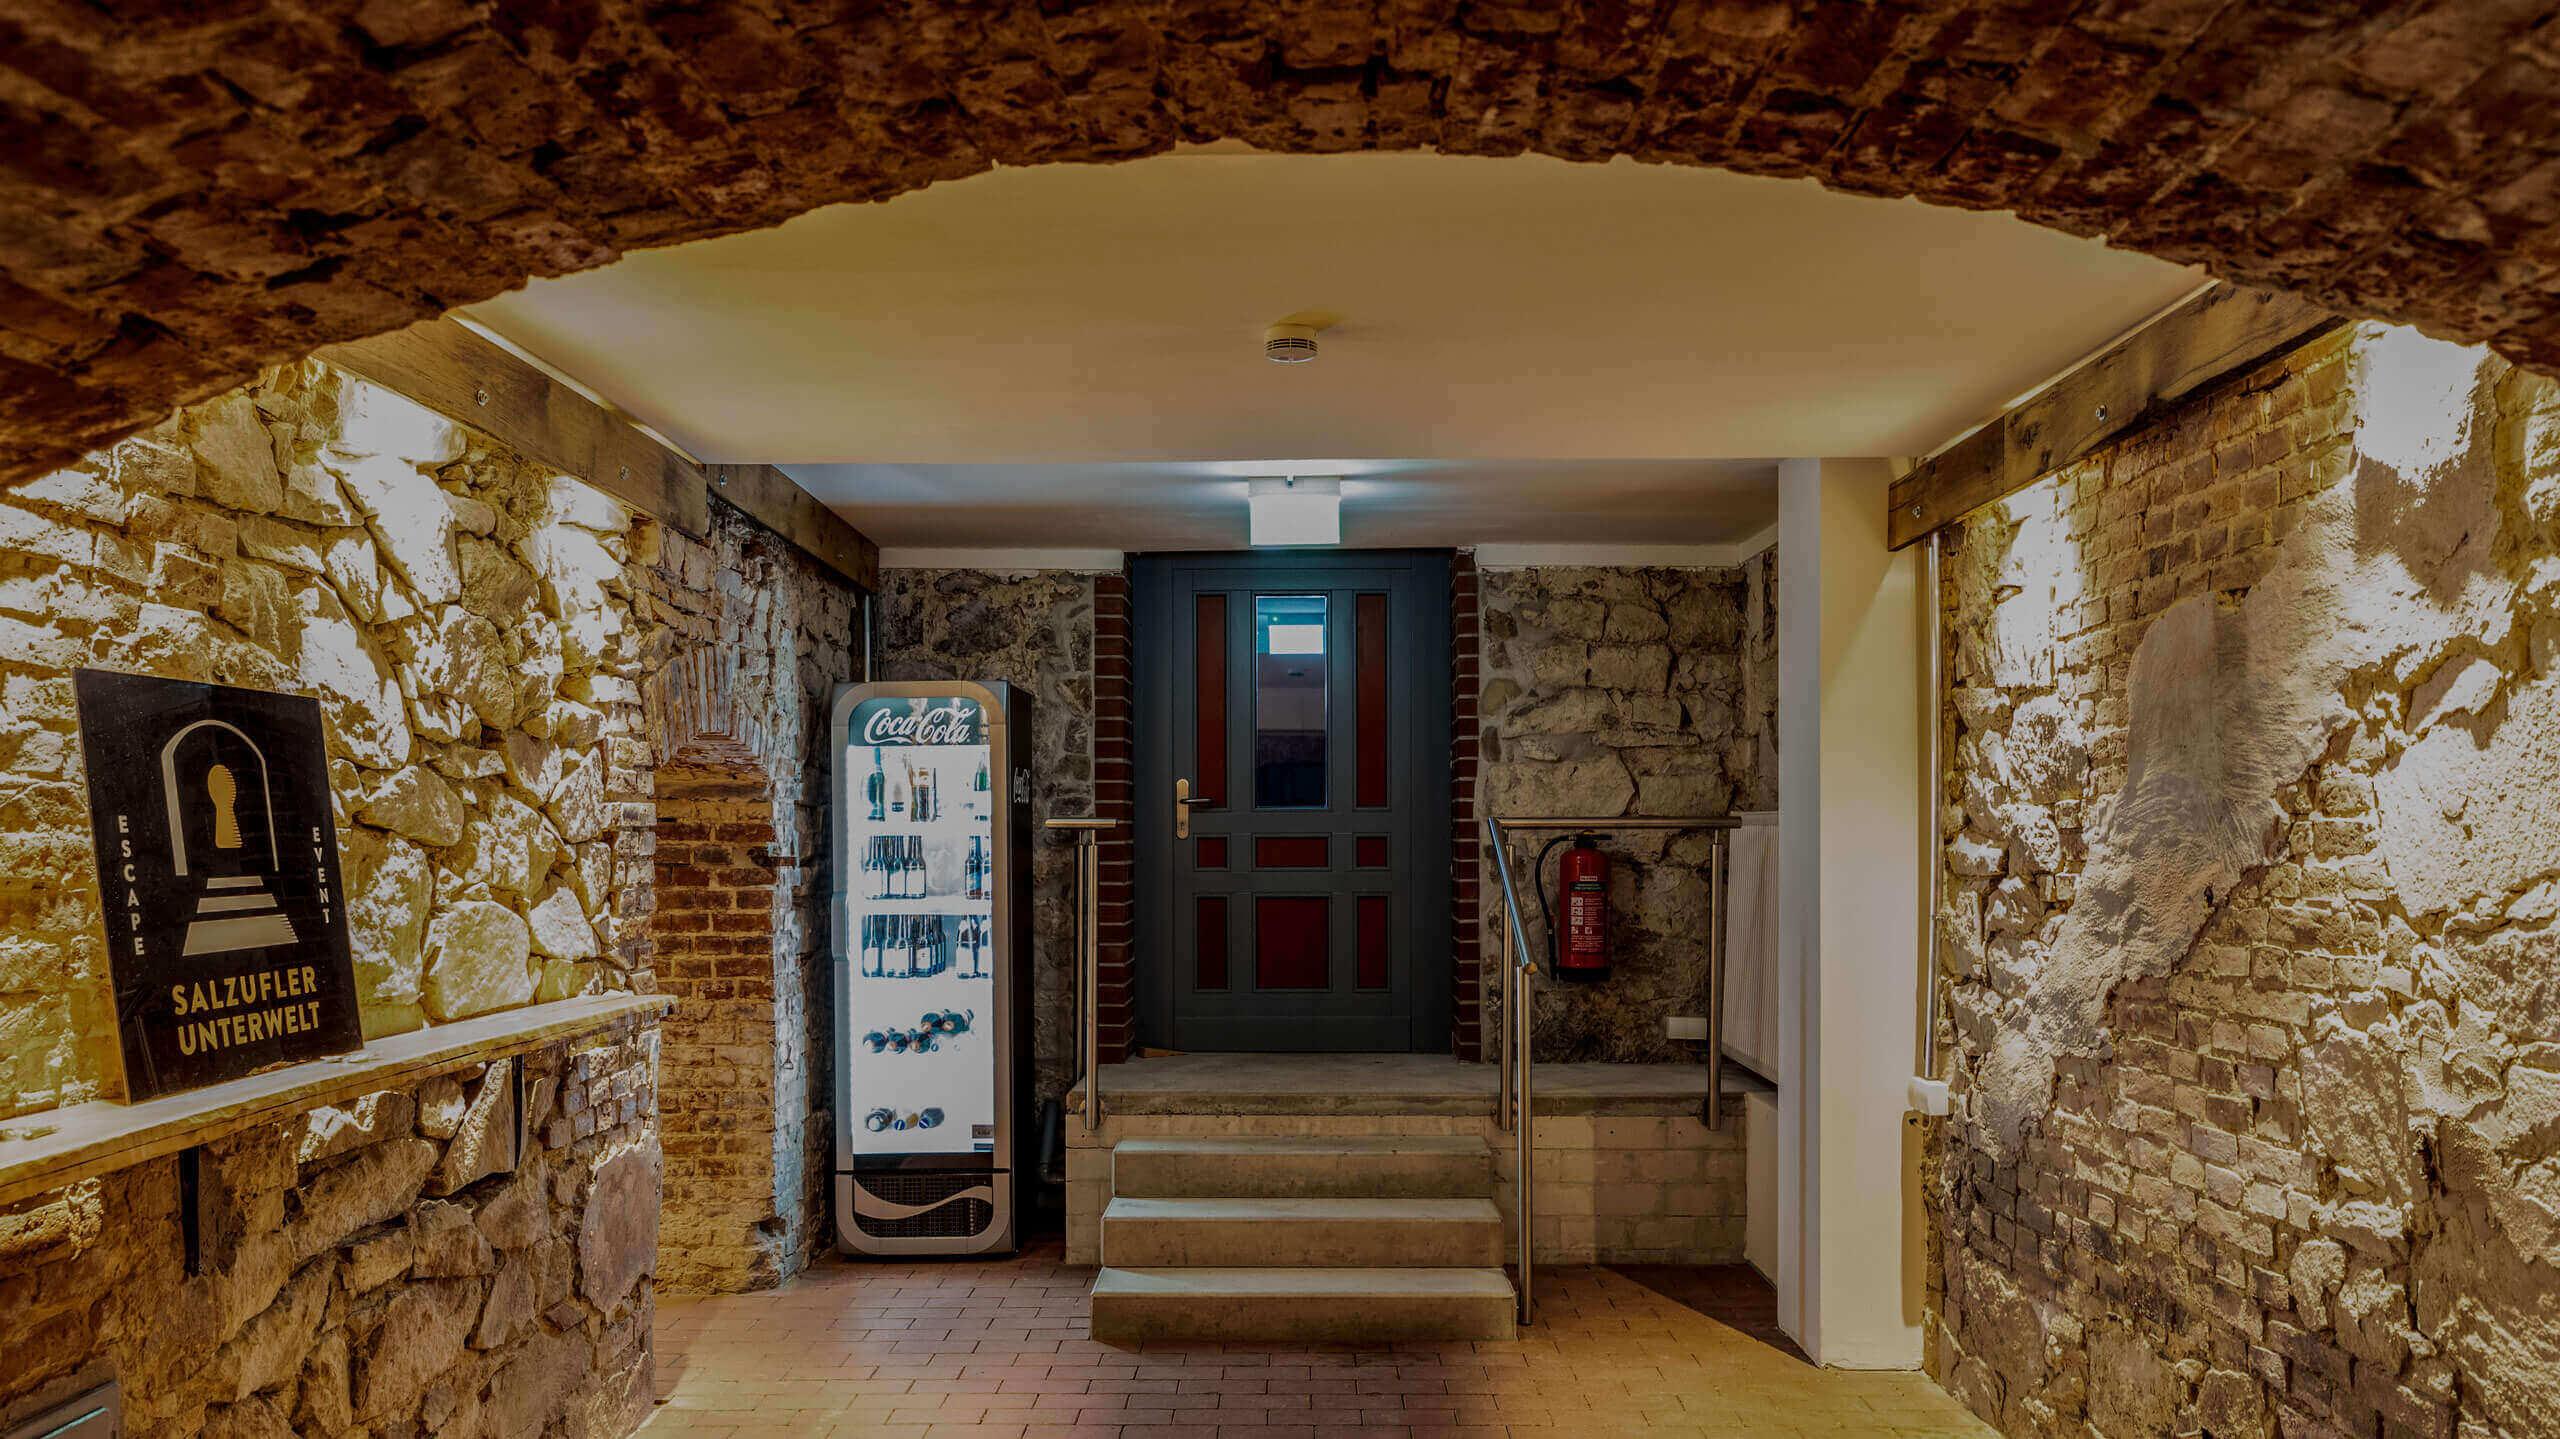 Foto: Eingang der Salzufler Unterwelt von innen